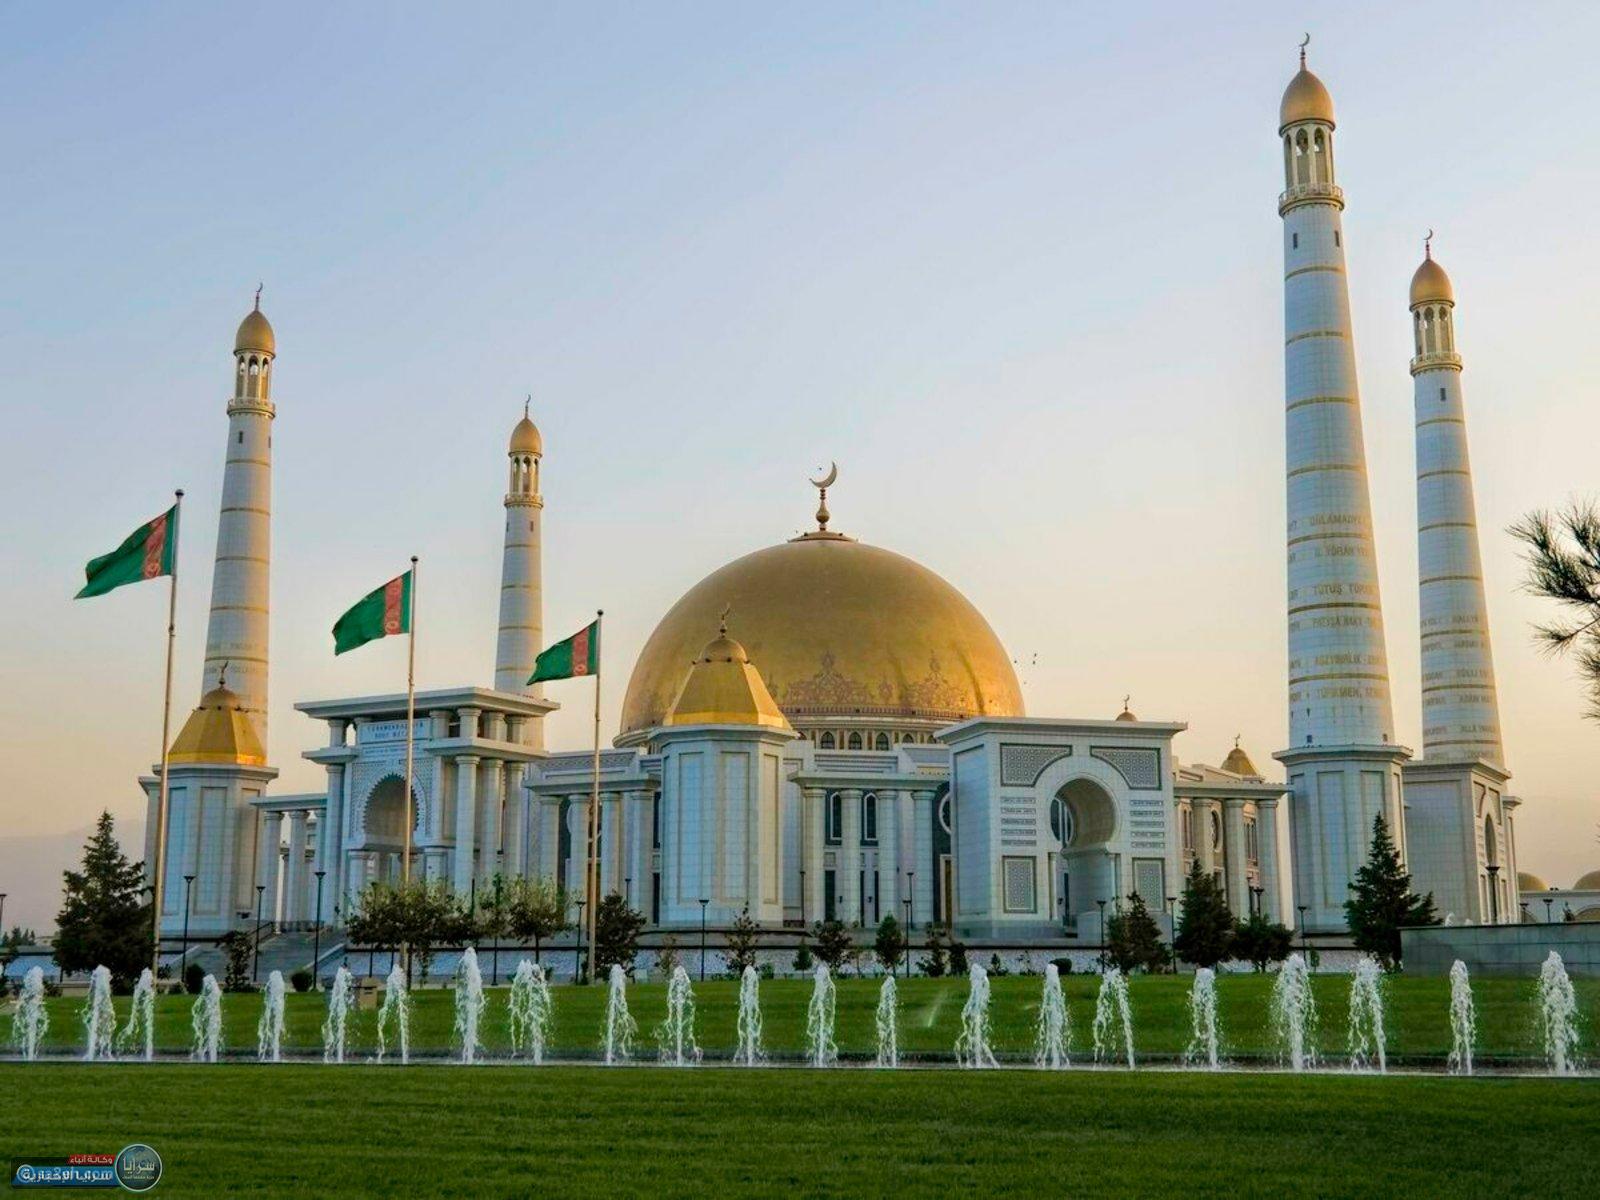 السياحة في عشق أباد: أغرب أماكن سياحية في العالم  ..  صور